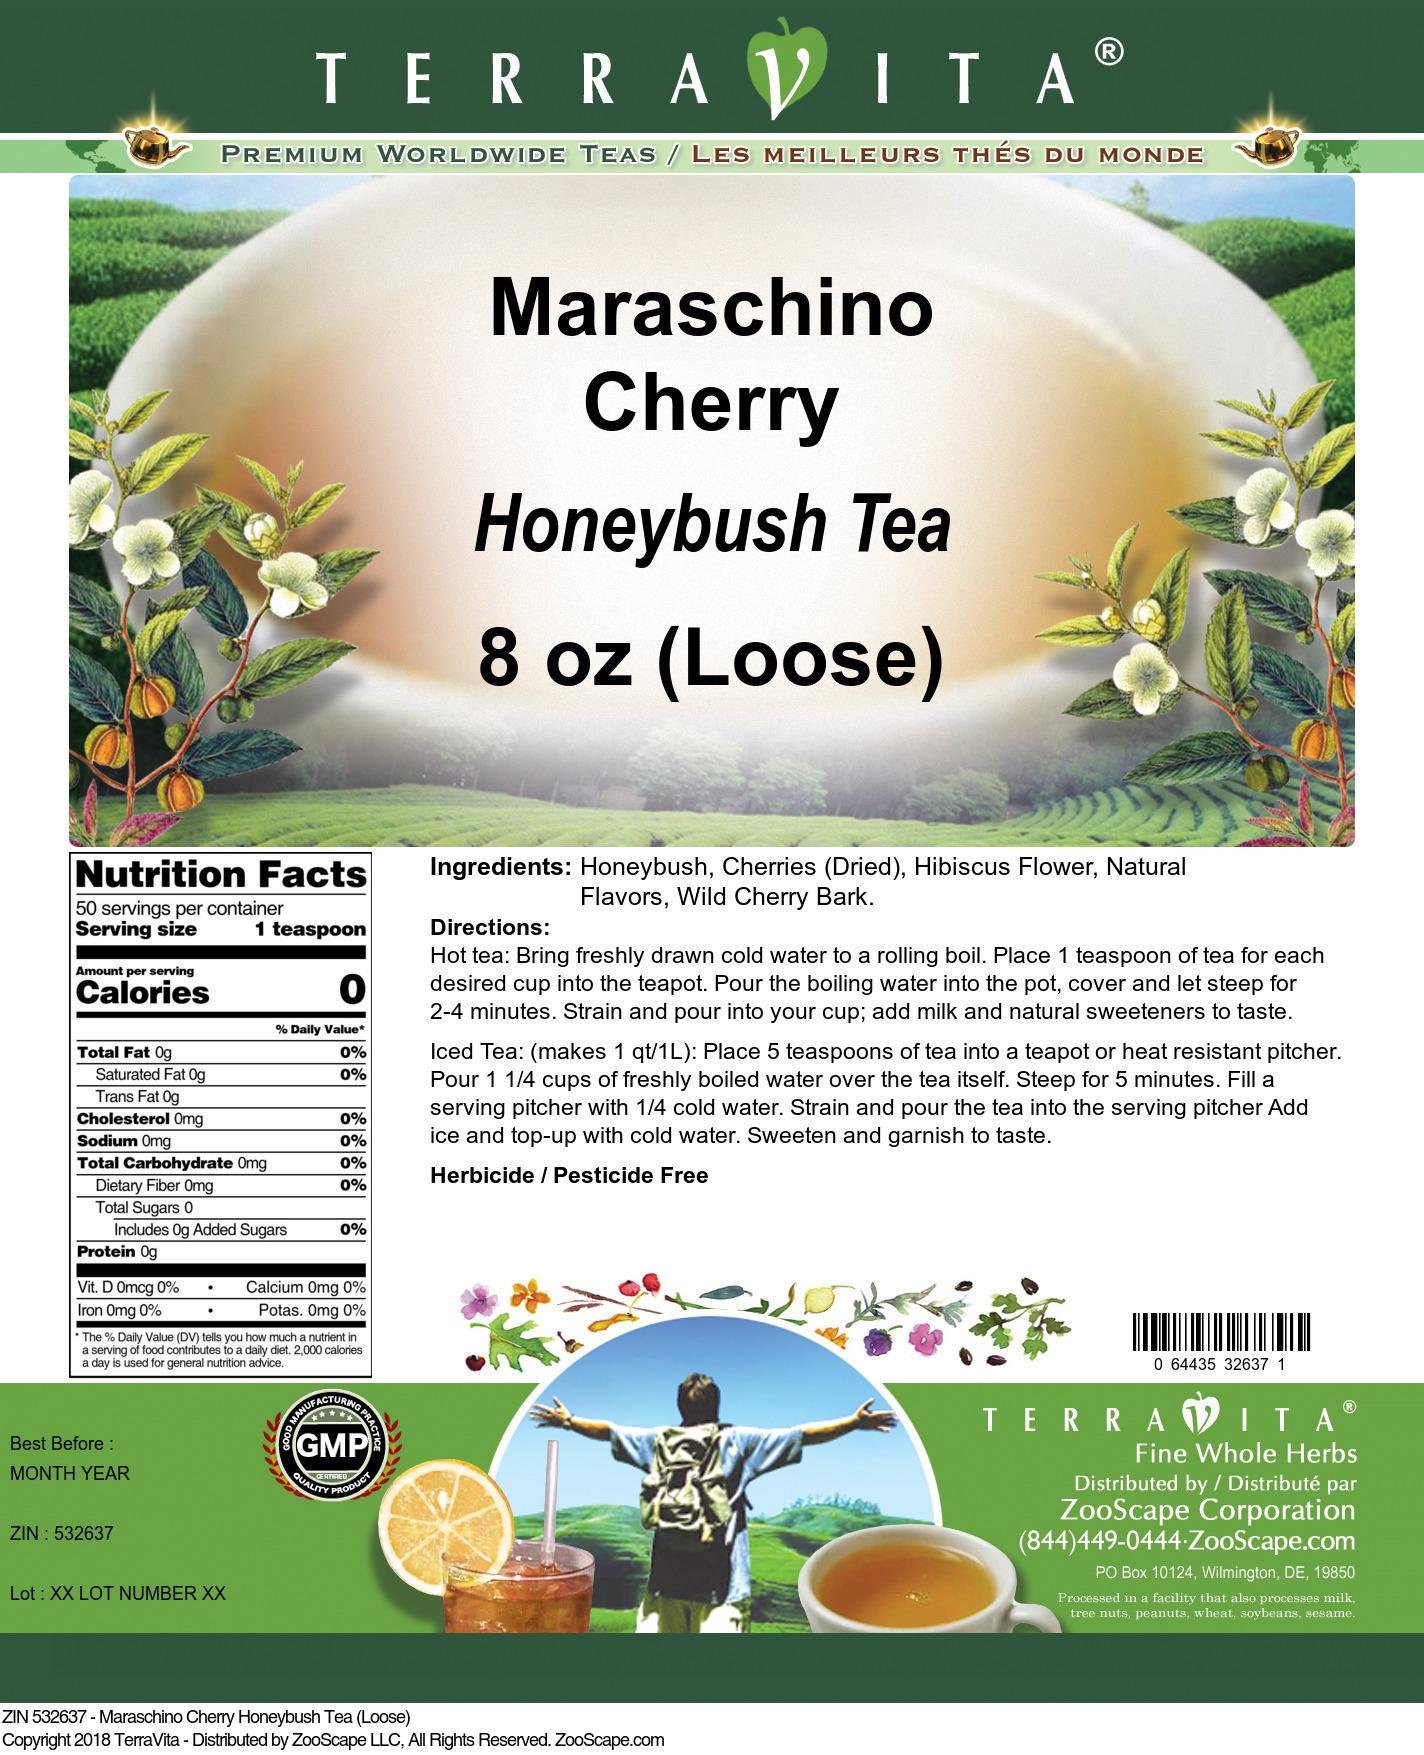 Maraschino Cherry Honeybush Tea (Loose)